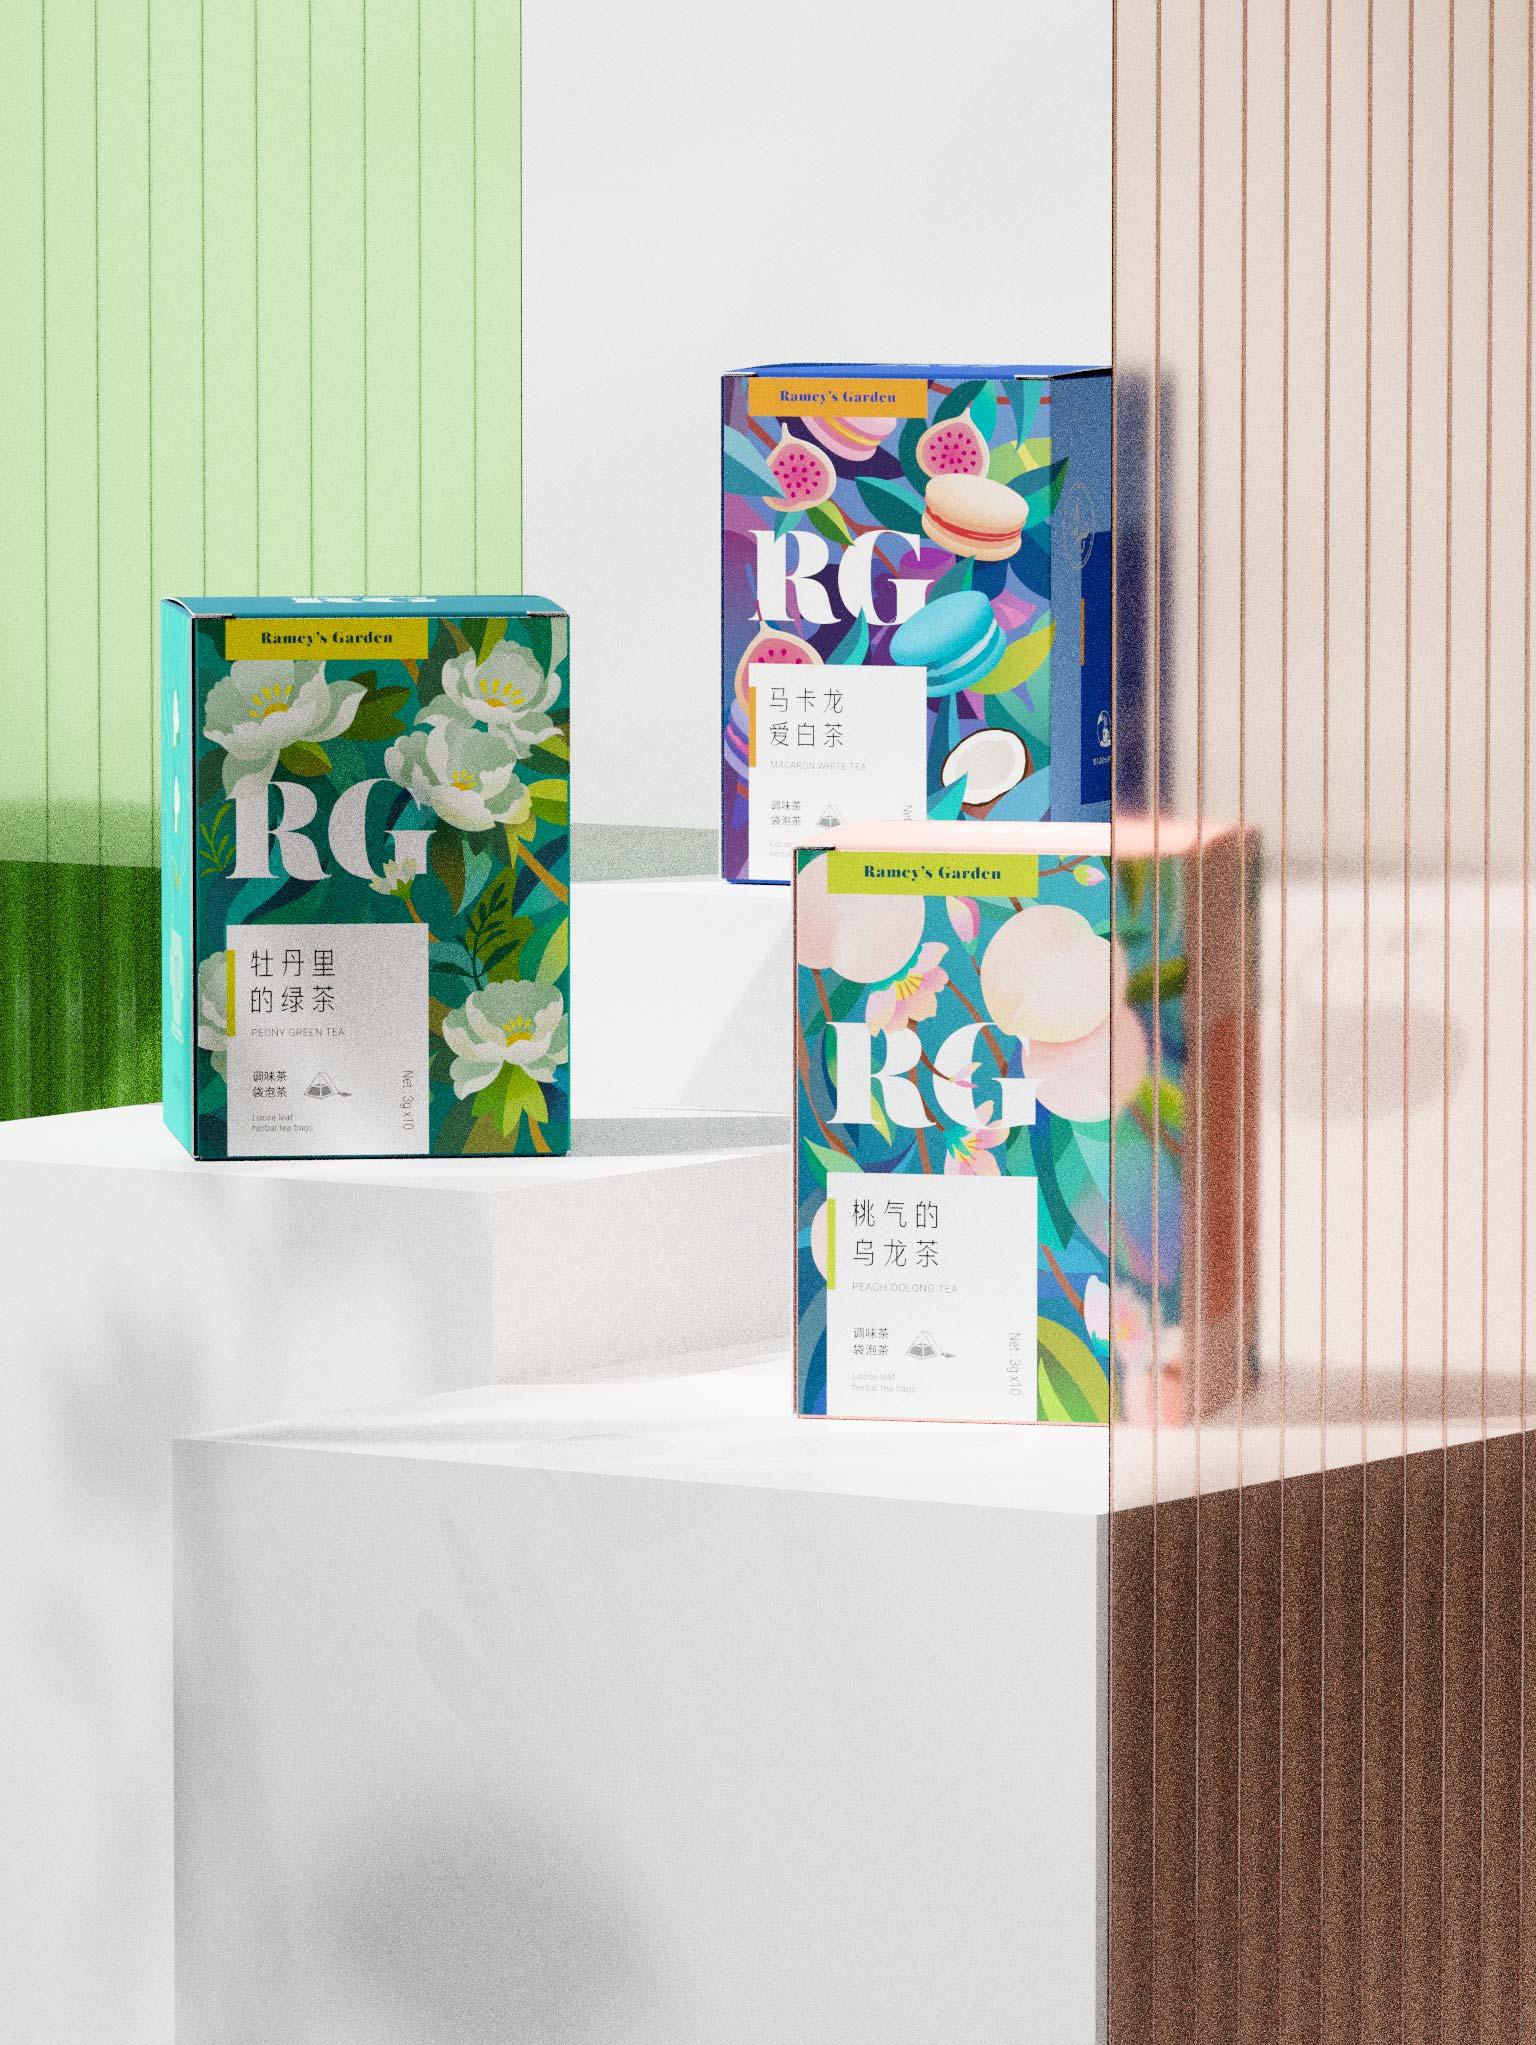 RG花果茶系列